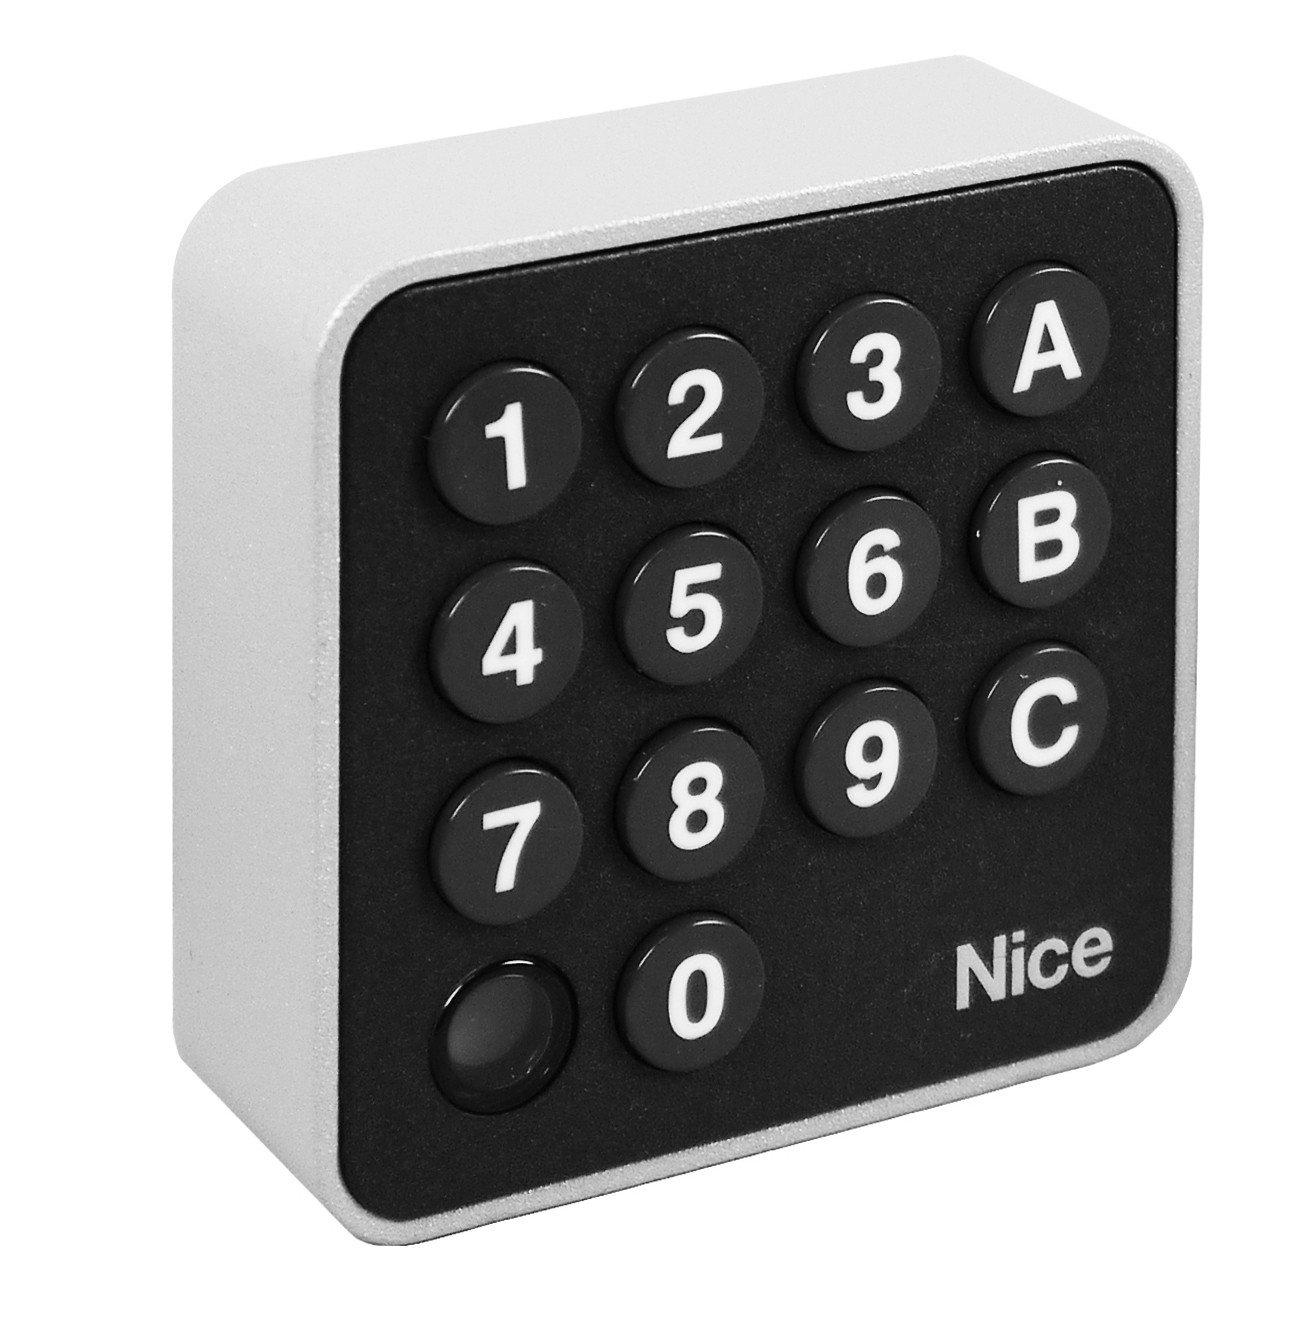 Tastatur zu Code edswg 13/Tasten Nizza